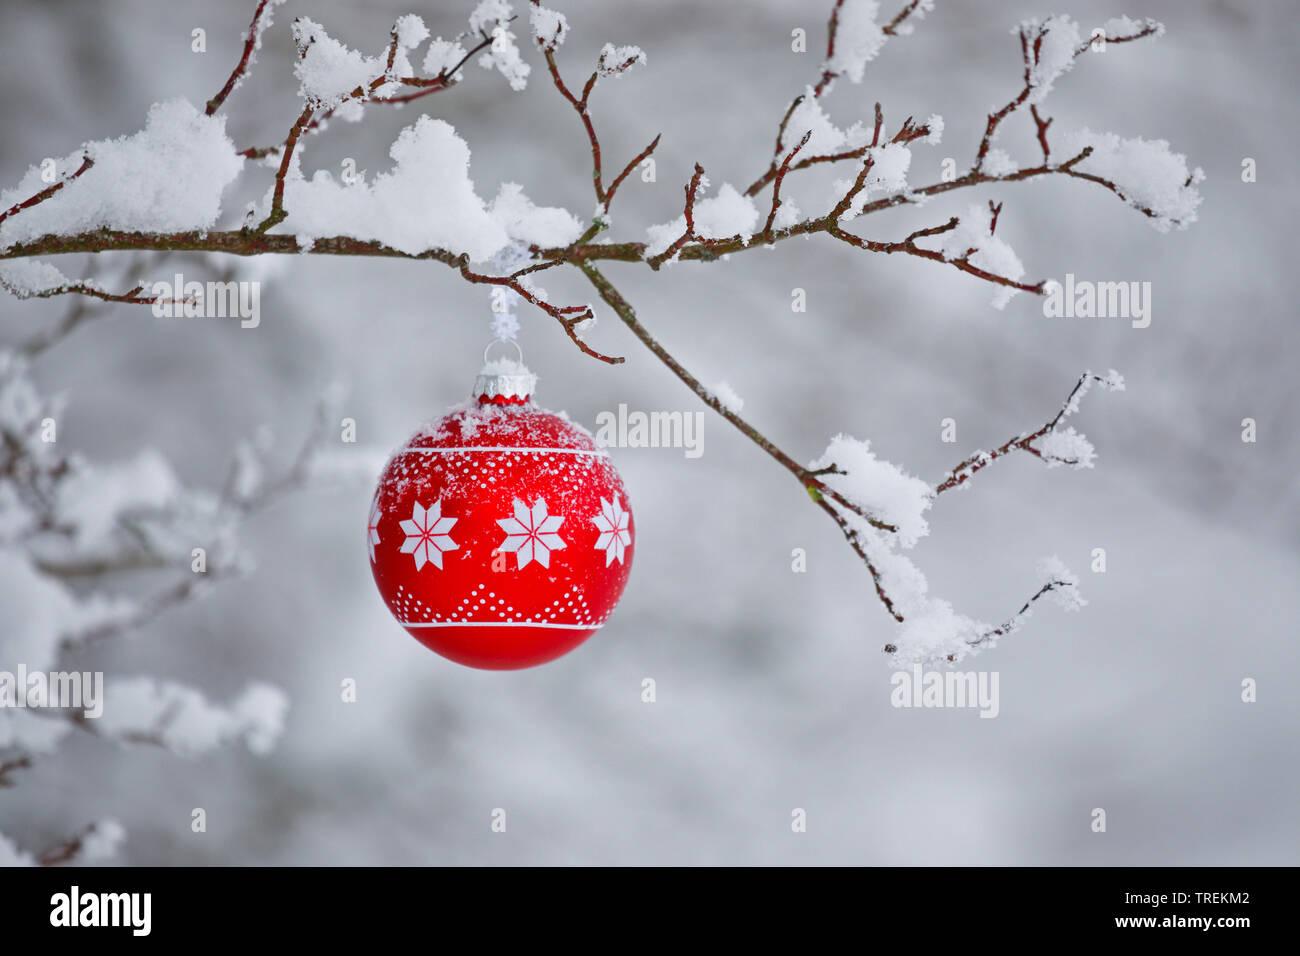 Weihnachtskugel an einem verschneiten Zweig, Schweiz   Christmas ball at a snow-covered twig, Switzerland   BLWS528482.jpg [ (c) blickwinkel/P. Frisch - Stock Image